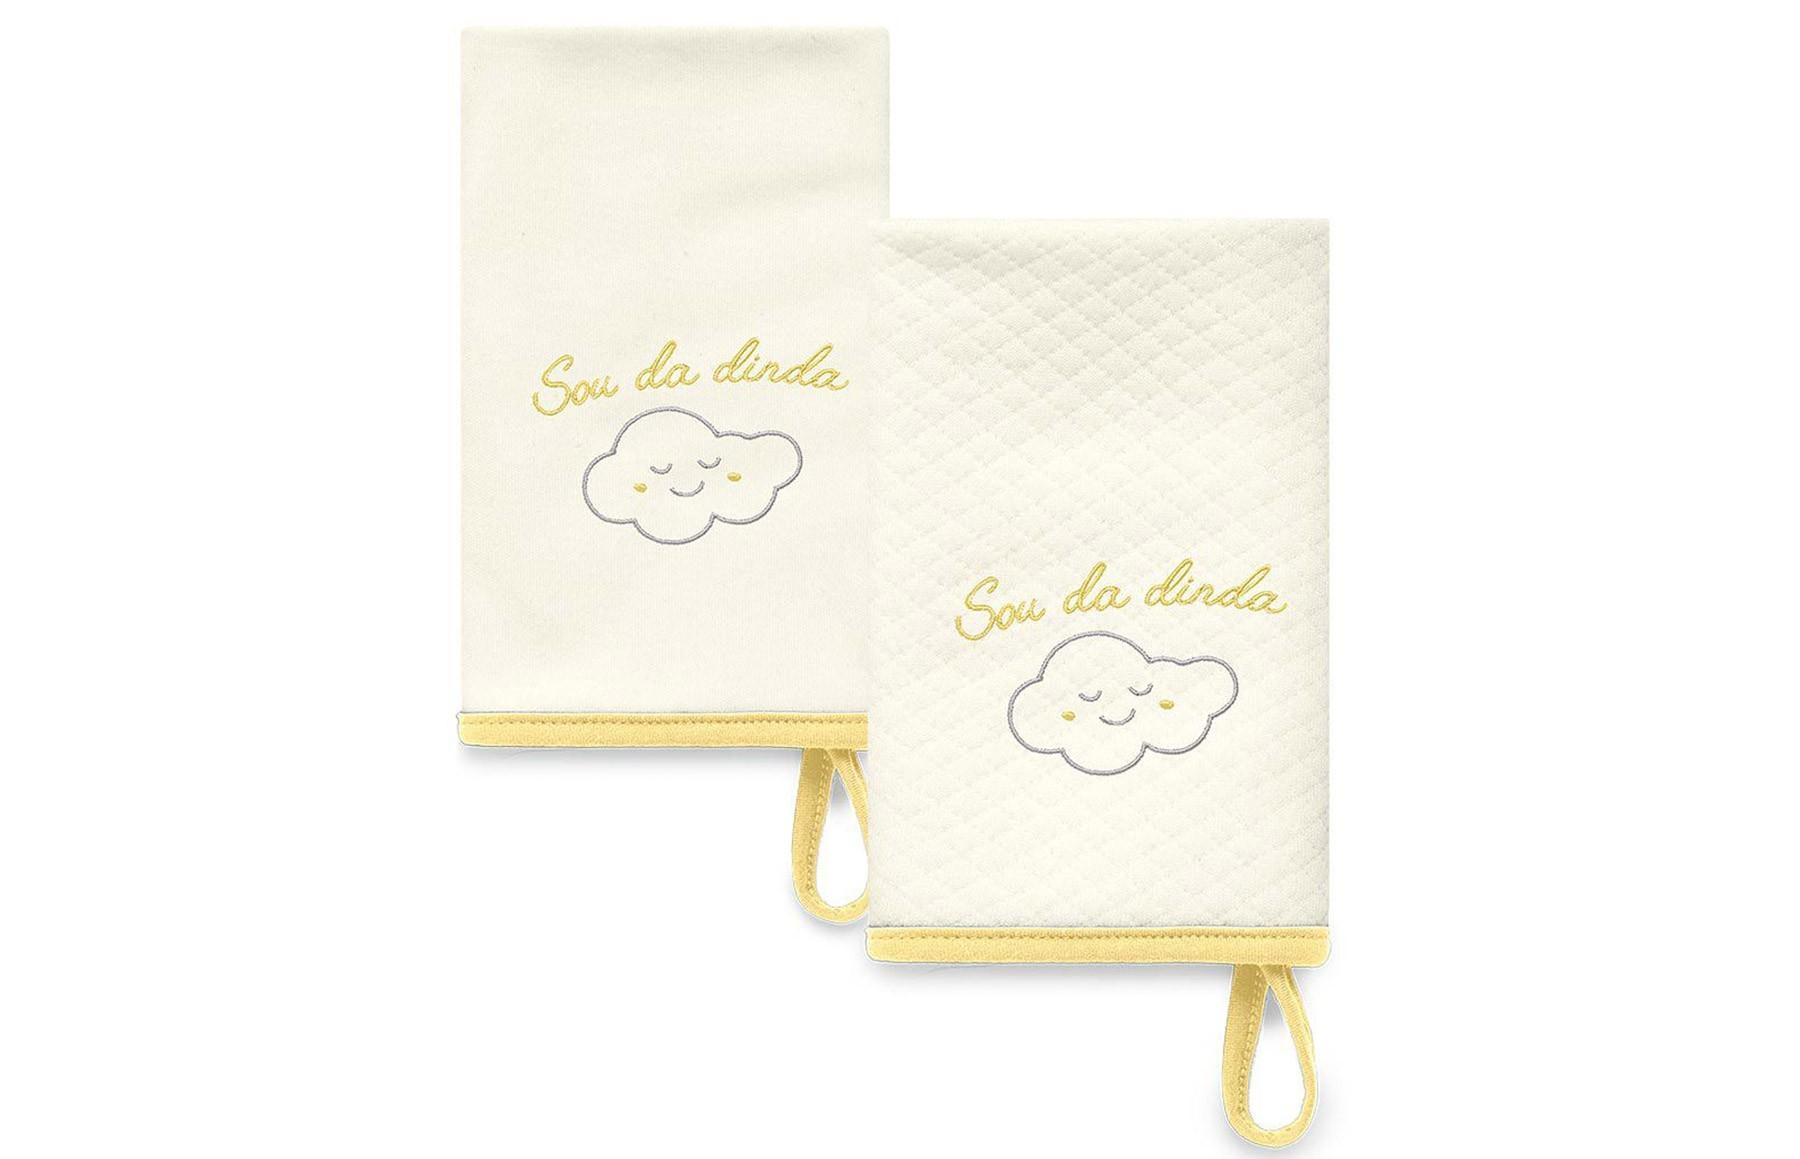 Kit Com 2 Babinhas Amarelo Acessórios - Sou da Dinda